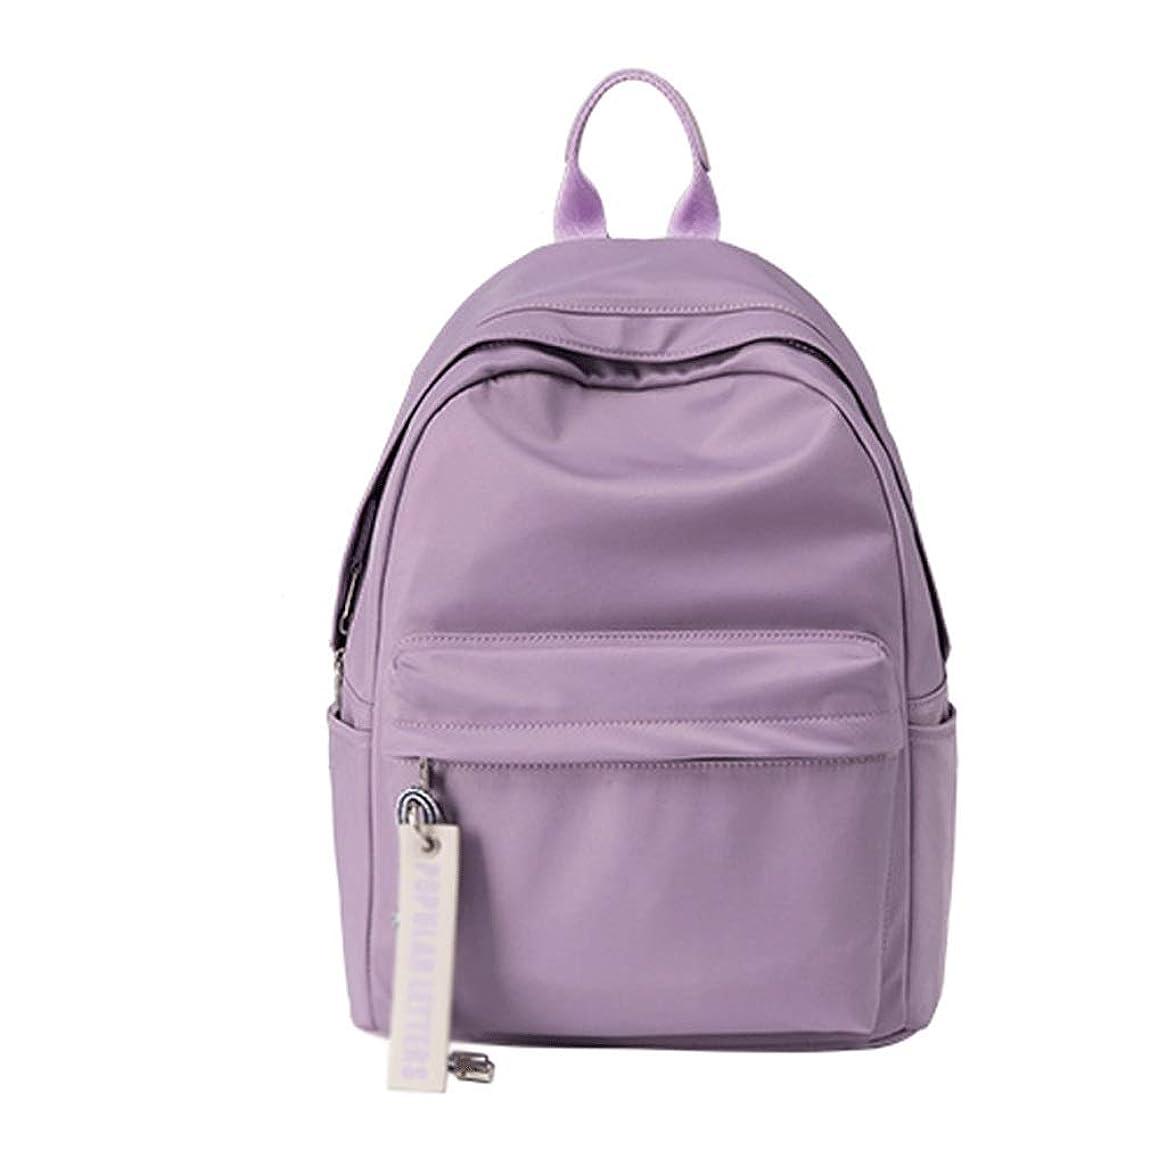 突っ込むアストロラーベサーバスクールバックパック シンプルなダブルショルダーバックパック旅行ショッピングナイロンバックパックの中学生バッグ韓国語版 ボーイガールズスクールバッグ (Color : Purple)